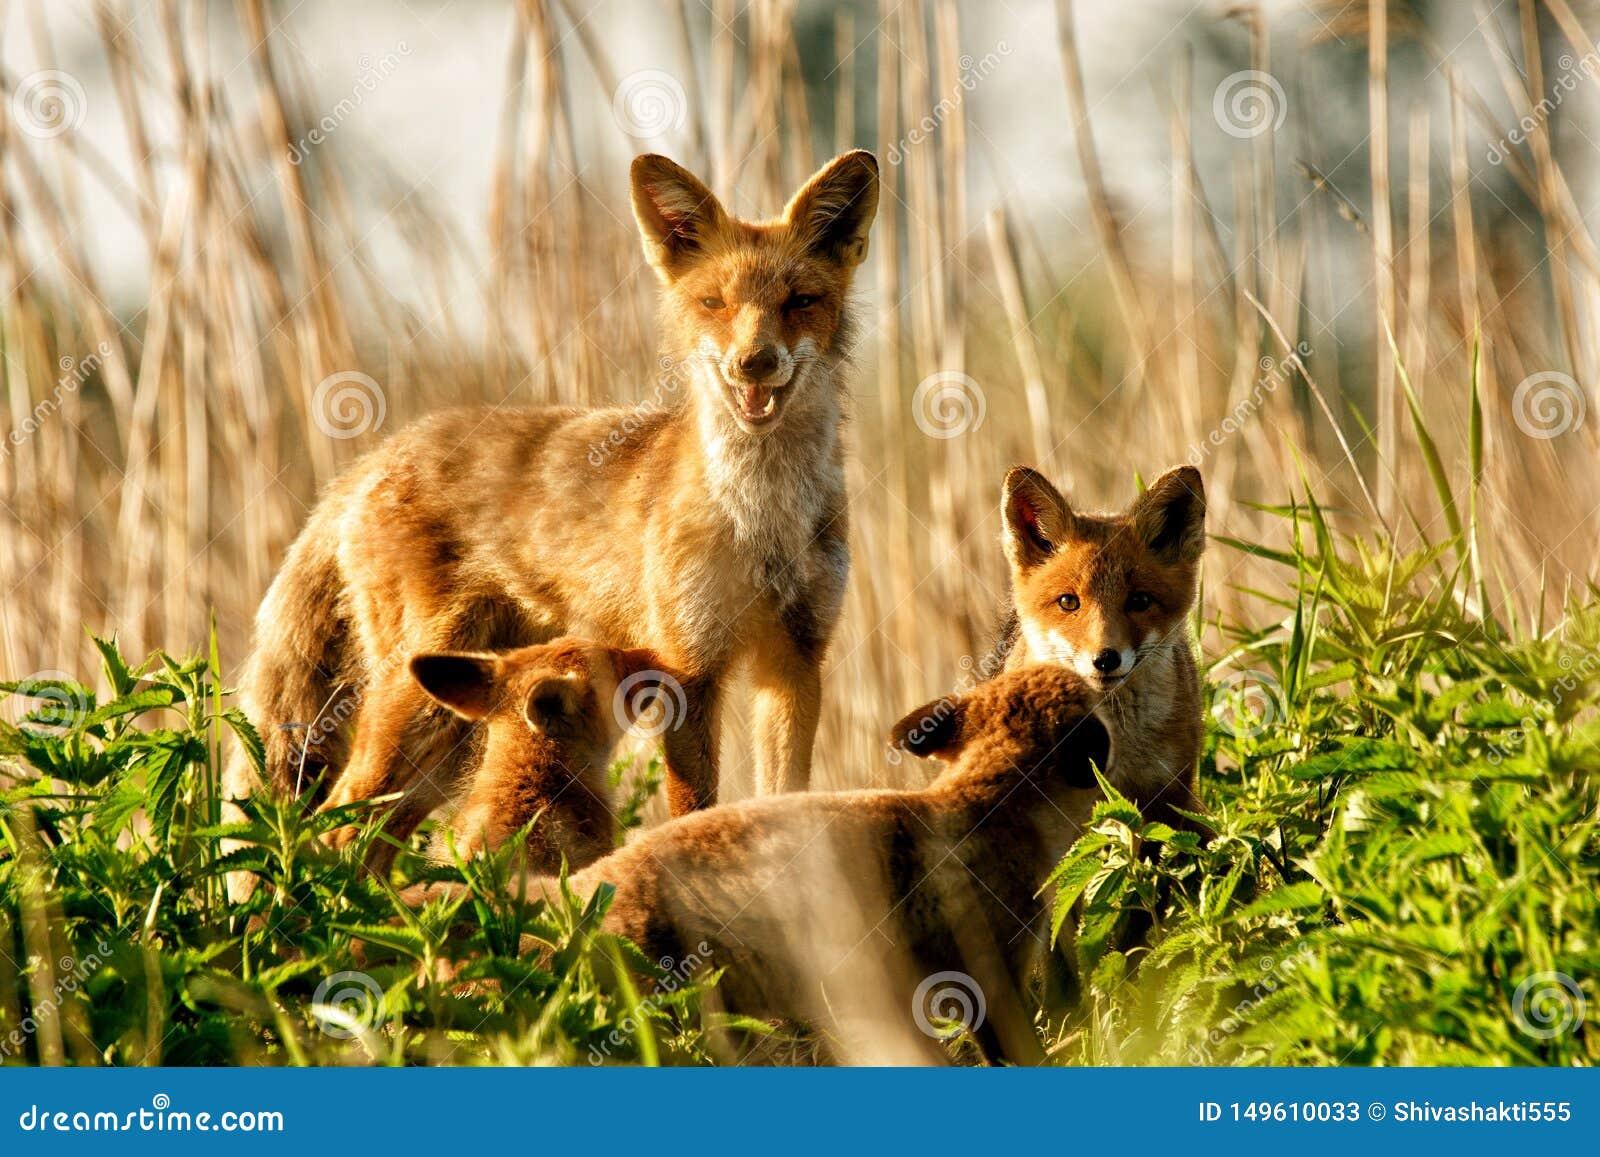 fox chubs